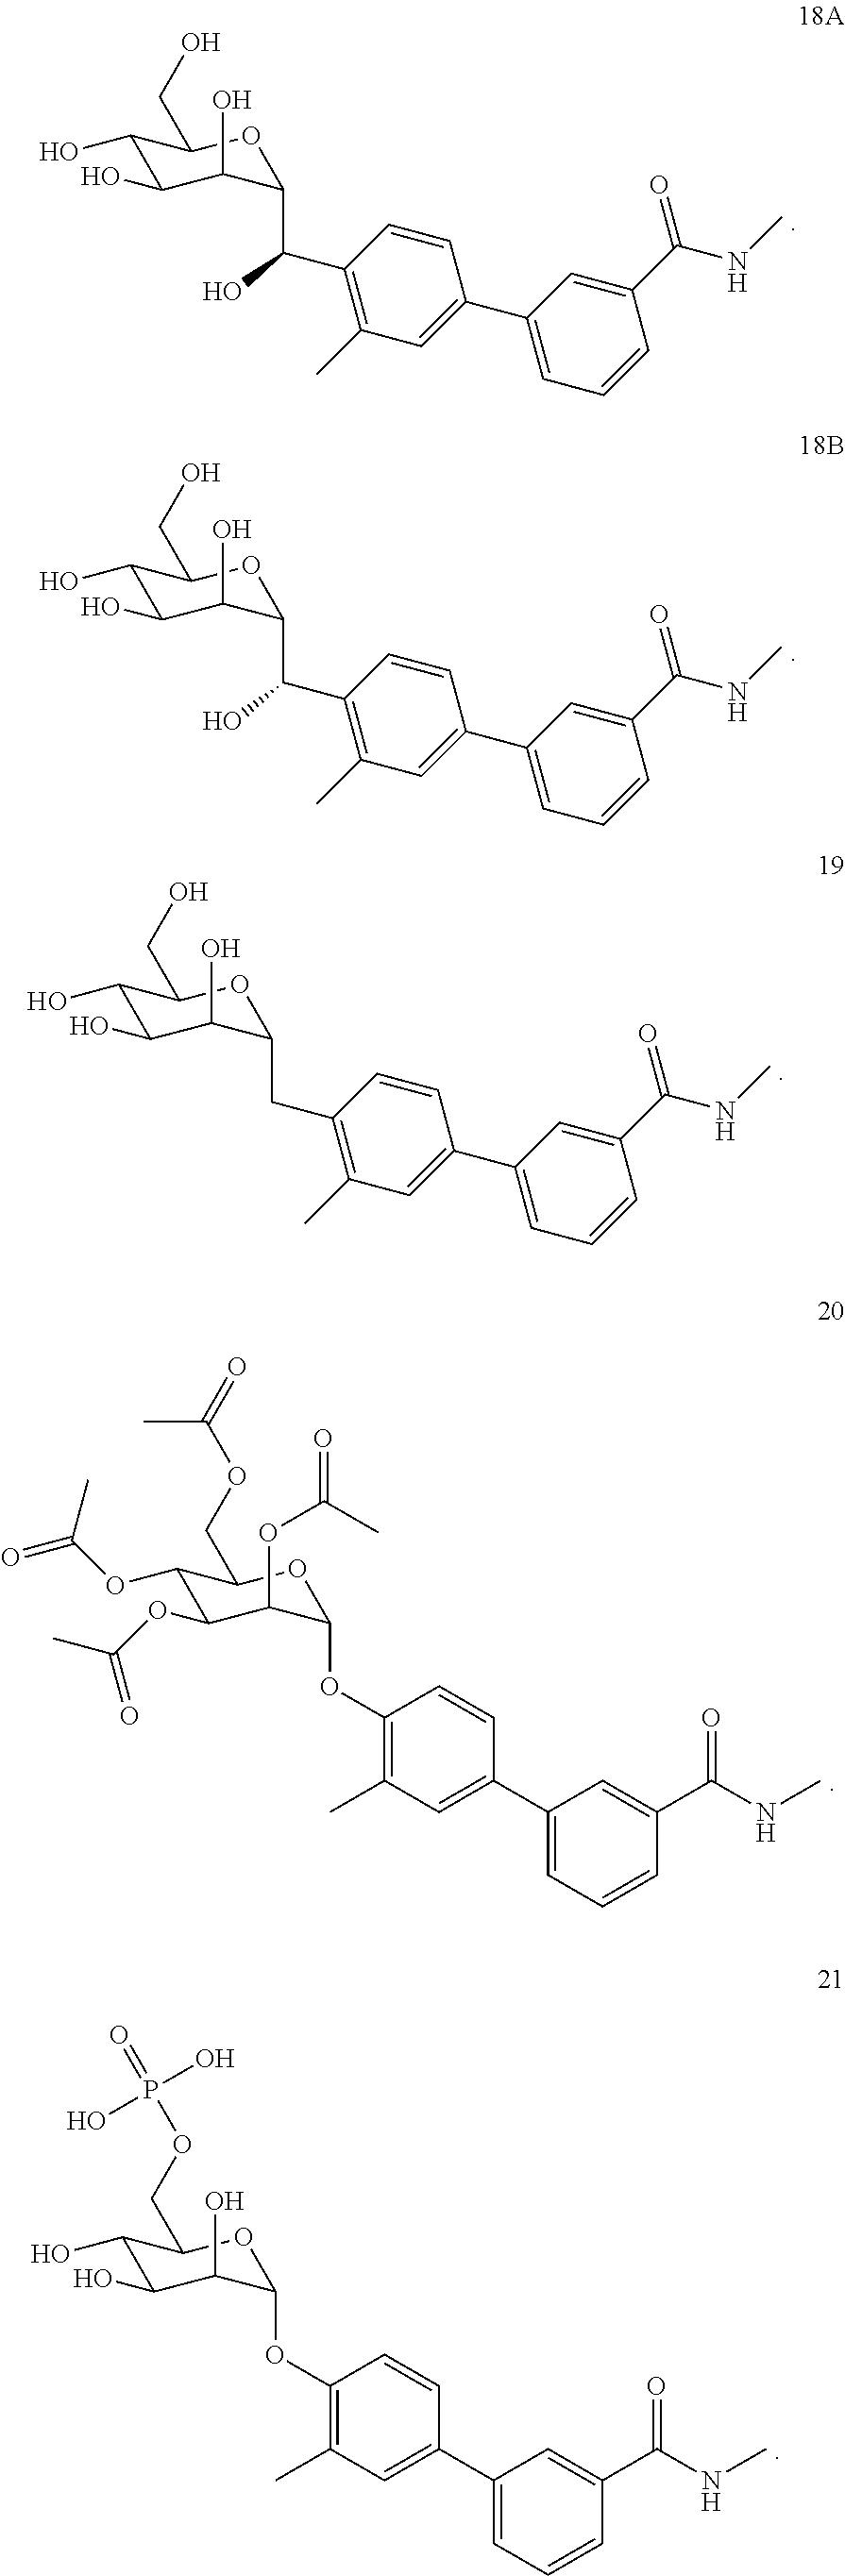 Figure US20180194792A1-20180712-C00075